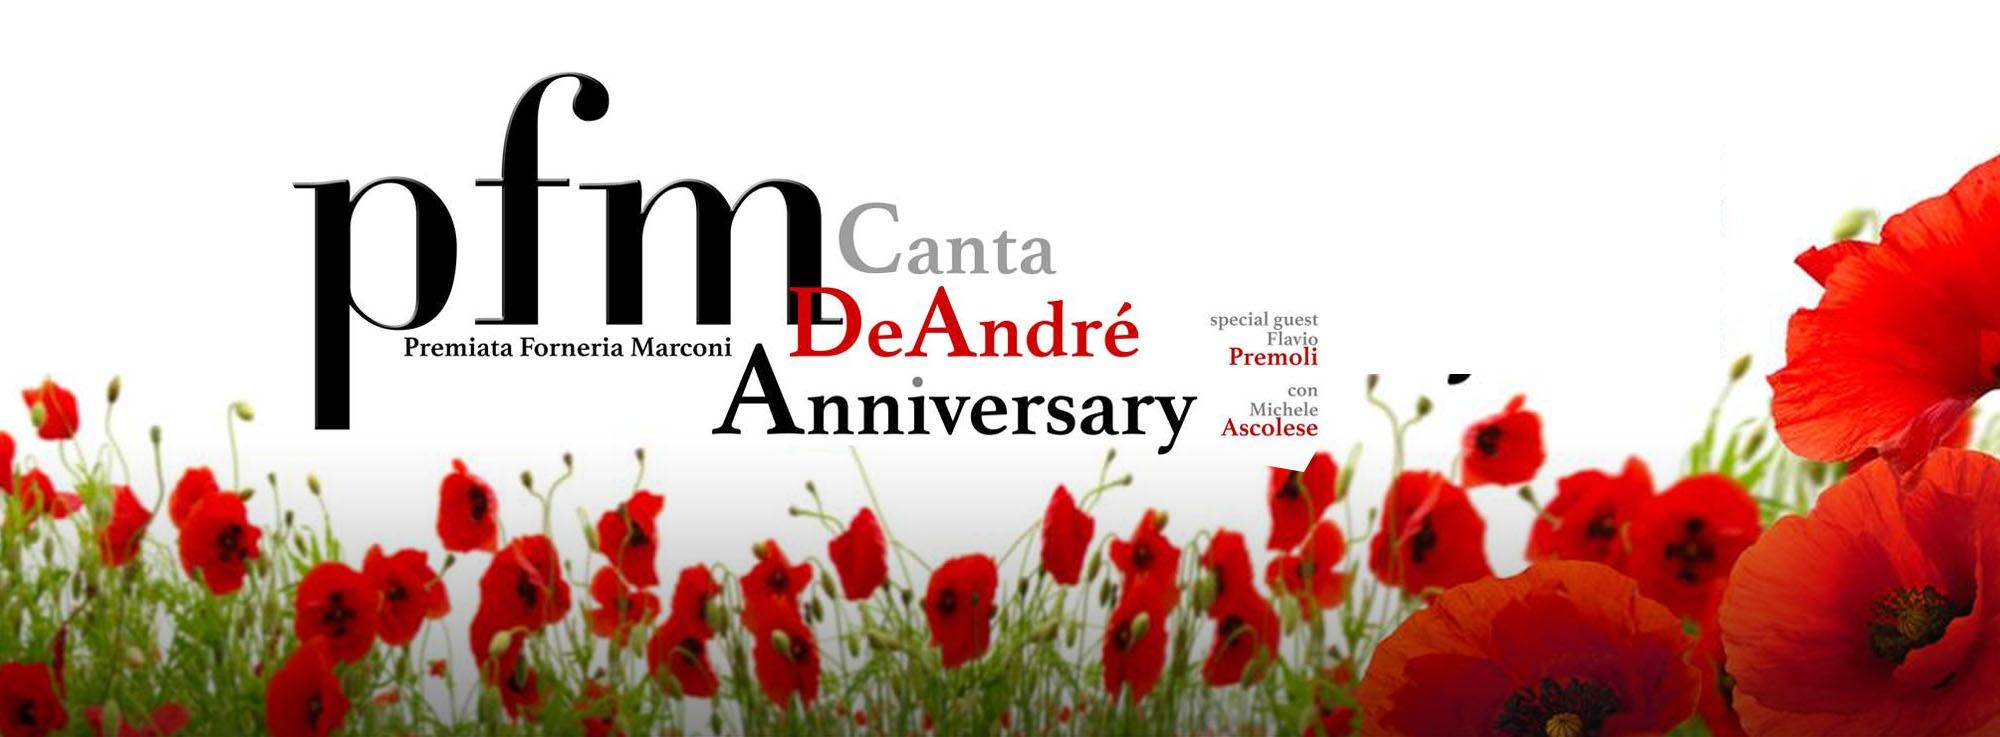 Lecce: PFM canta De André - Anniversary